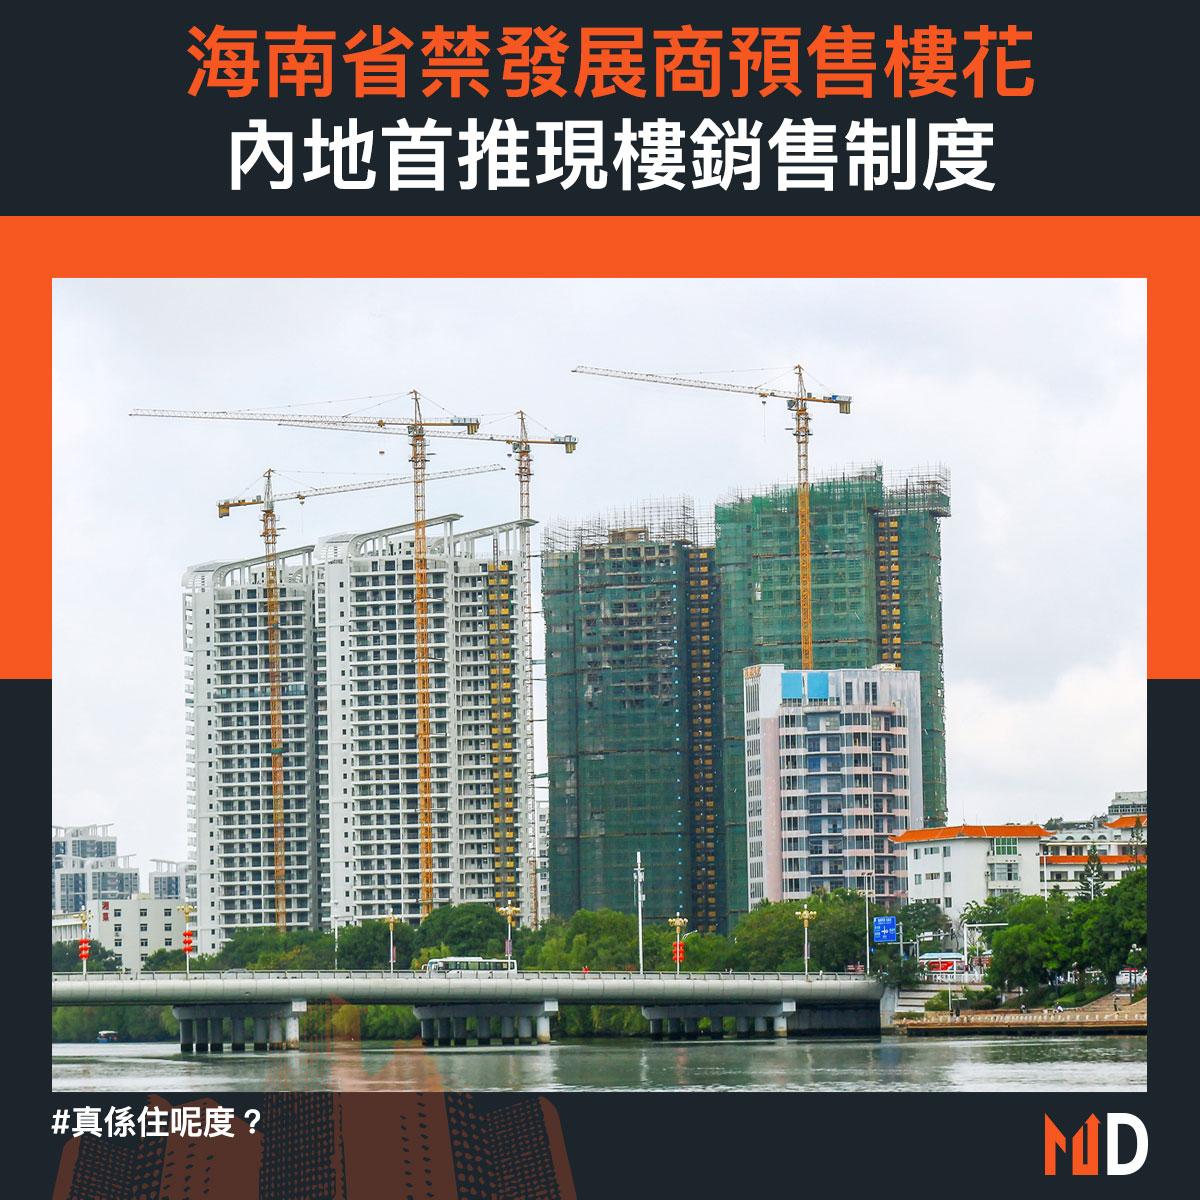 【真係住呢度?】海南省禁發展商預售樓花 內地首推現樓銷售制度